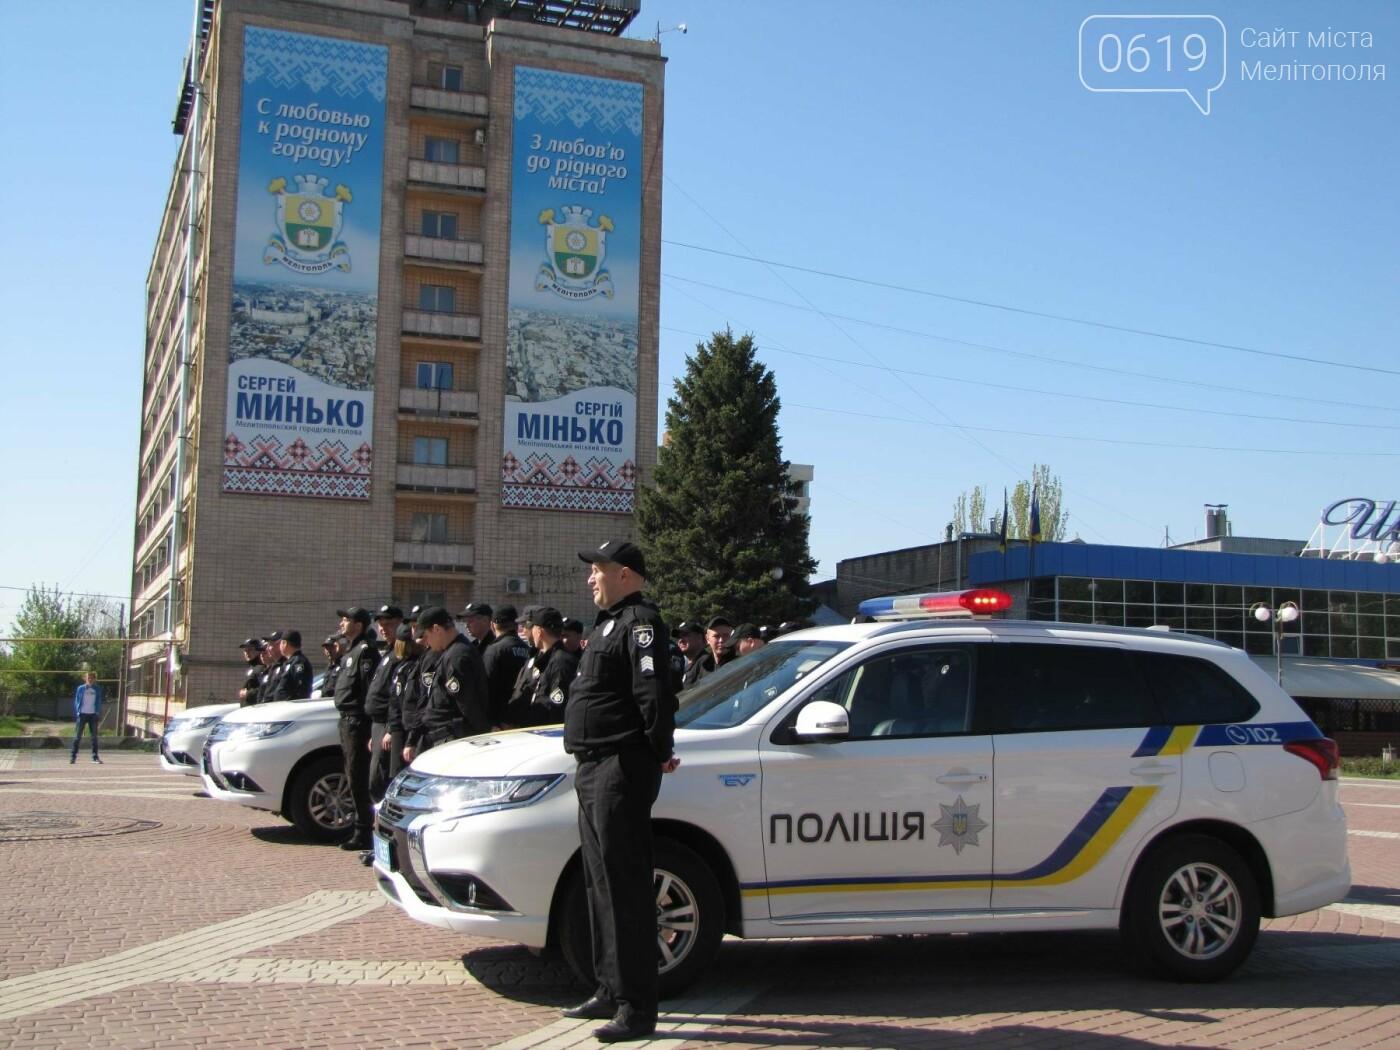 Мелитопольской полиции торжественно вручили новые служебные автомобили, фото-7